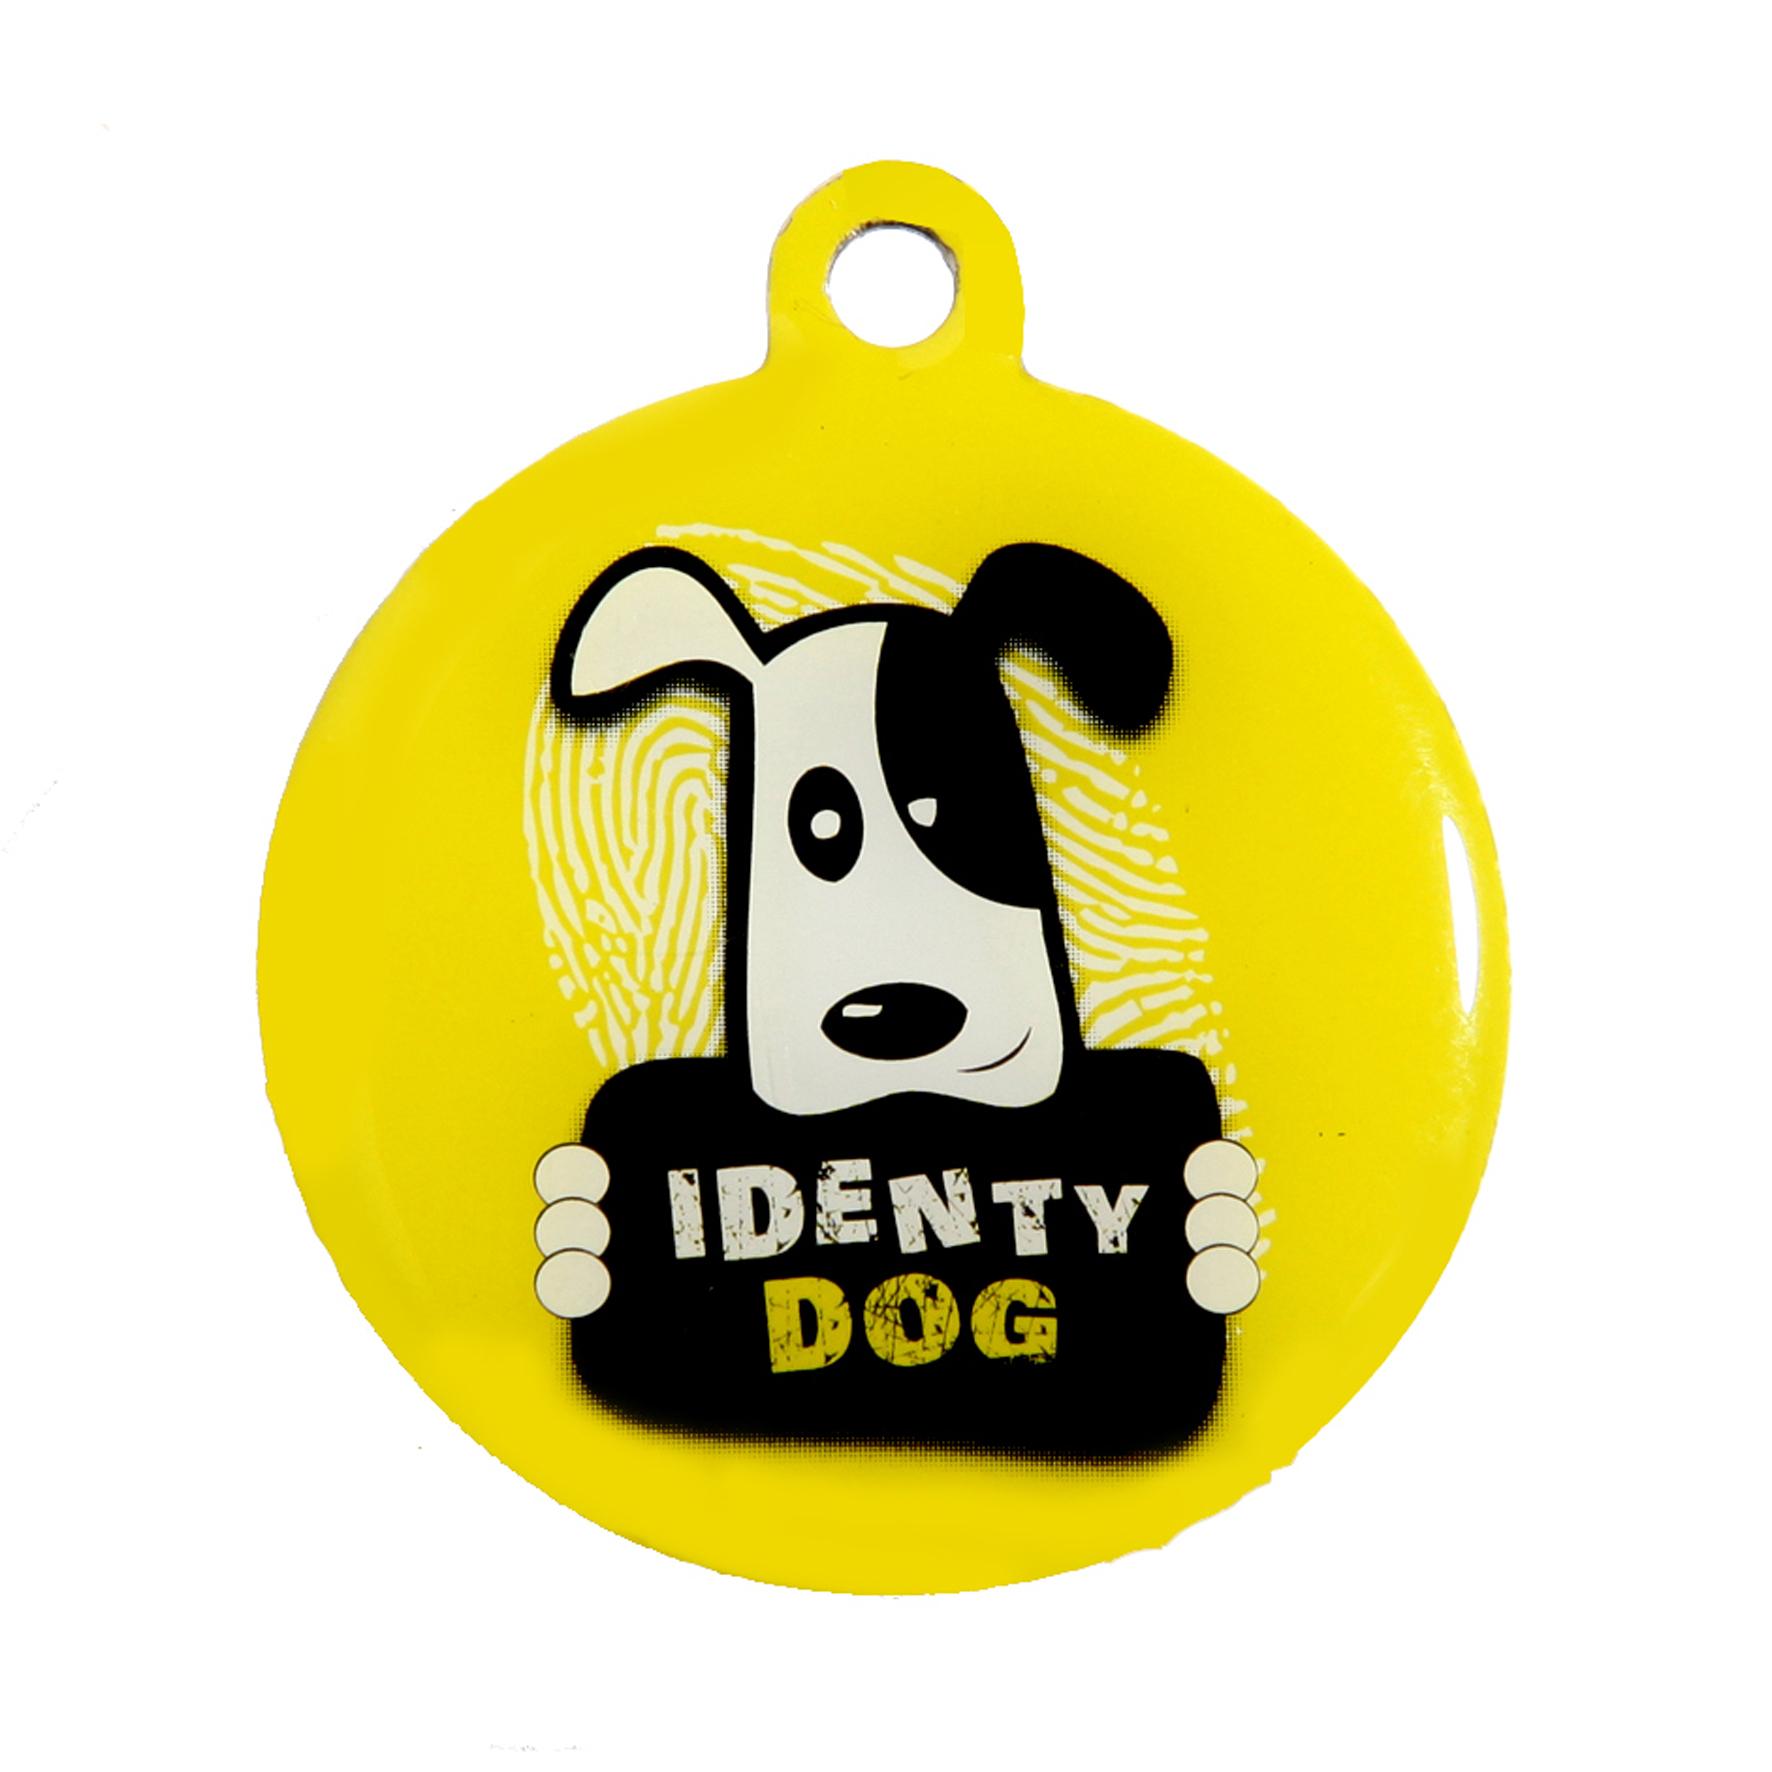 medaille chien qr code identydog